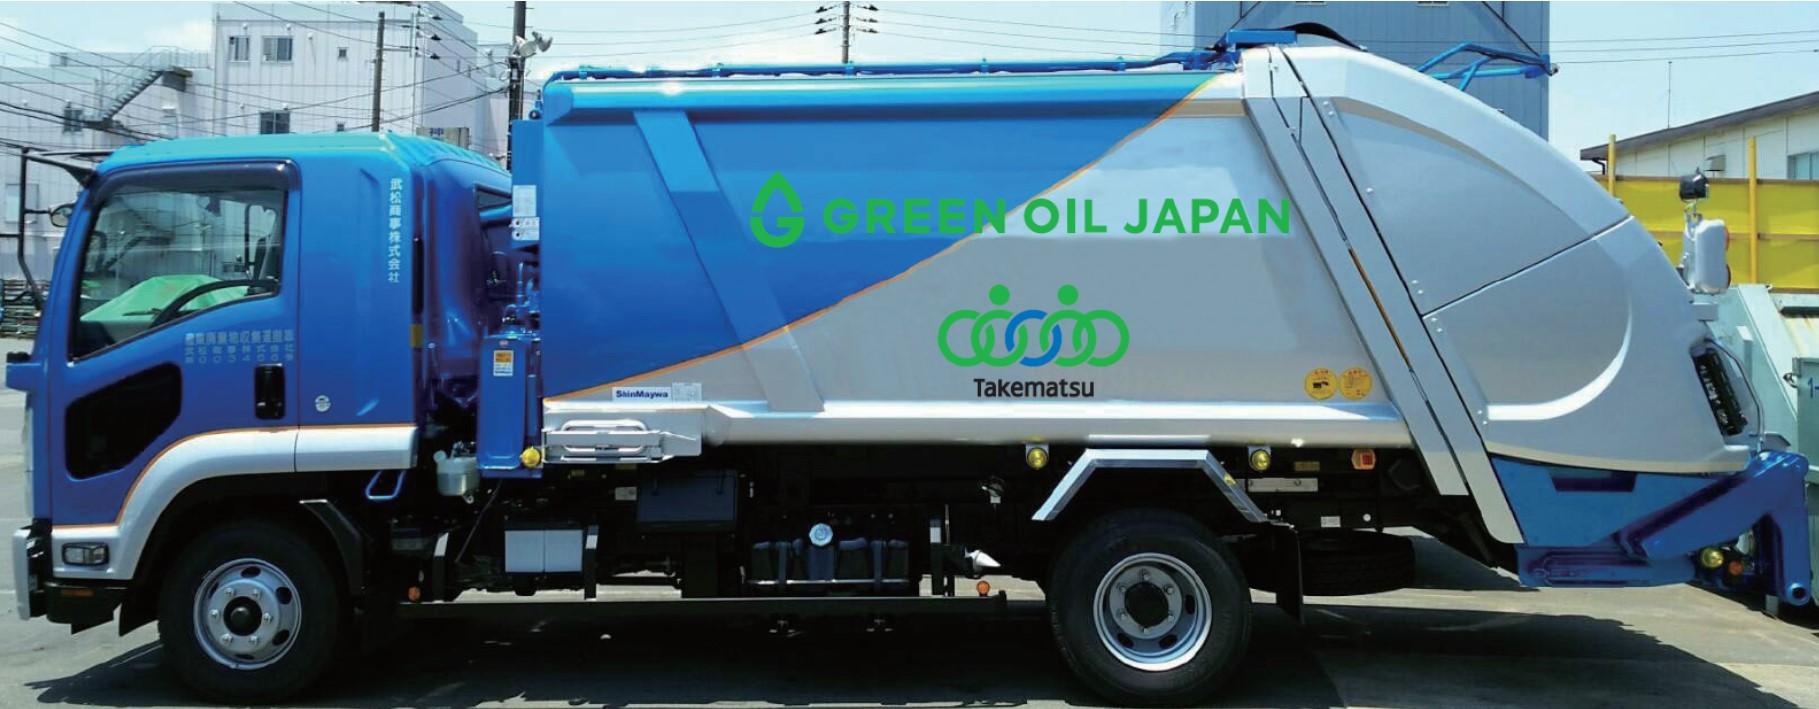 ペットボトルを回収する車両のイメージ